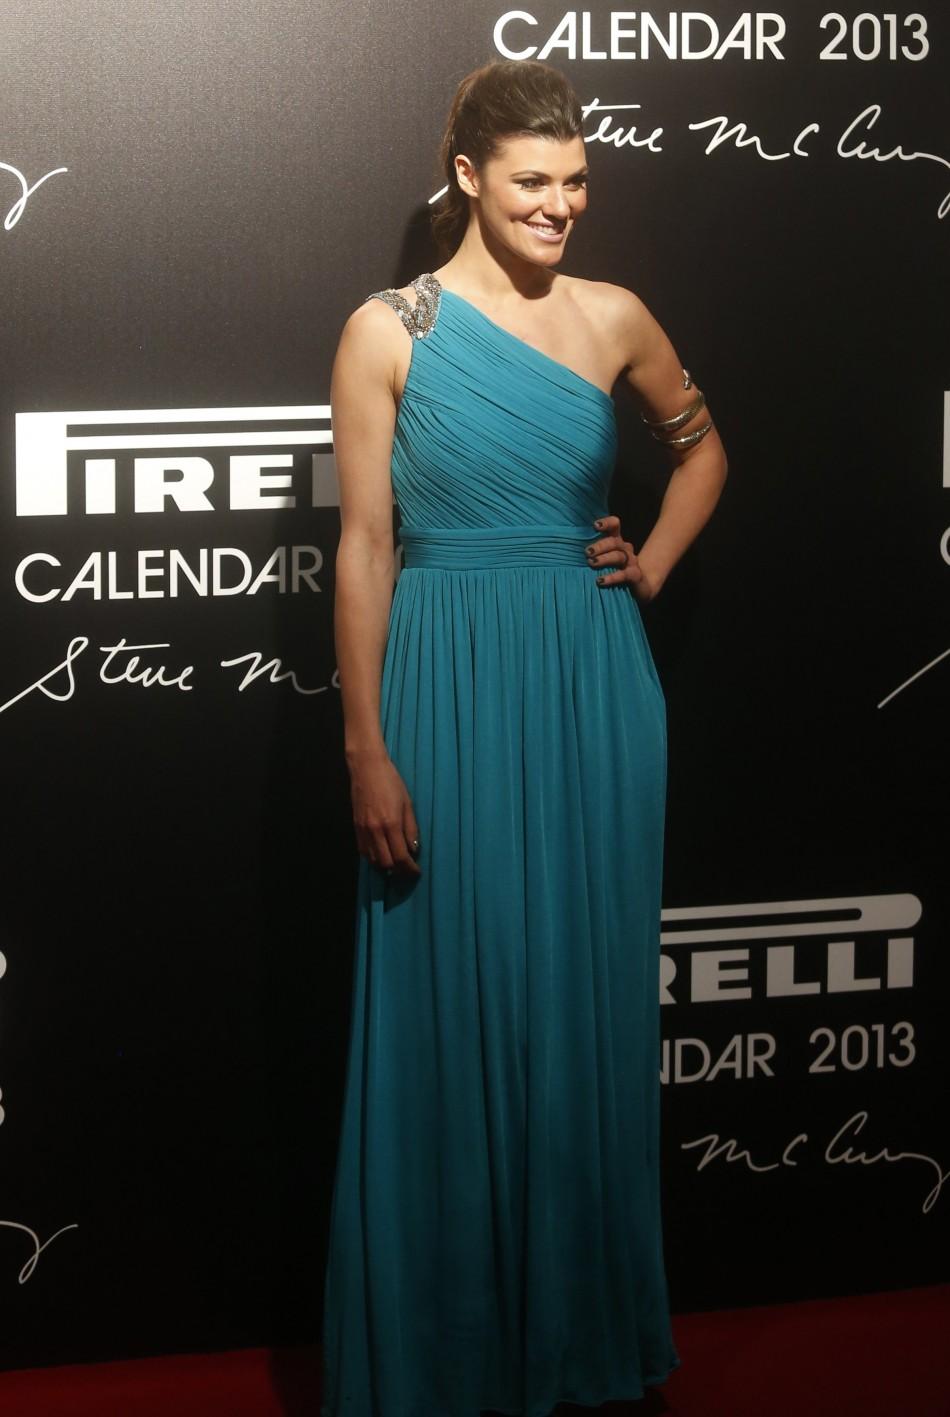 Model Hanaa Ben Abdesslem poses as she arrives for the launch of the Pirelli Calendar 2013 in Rio de Janeiro